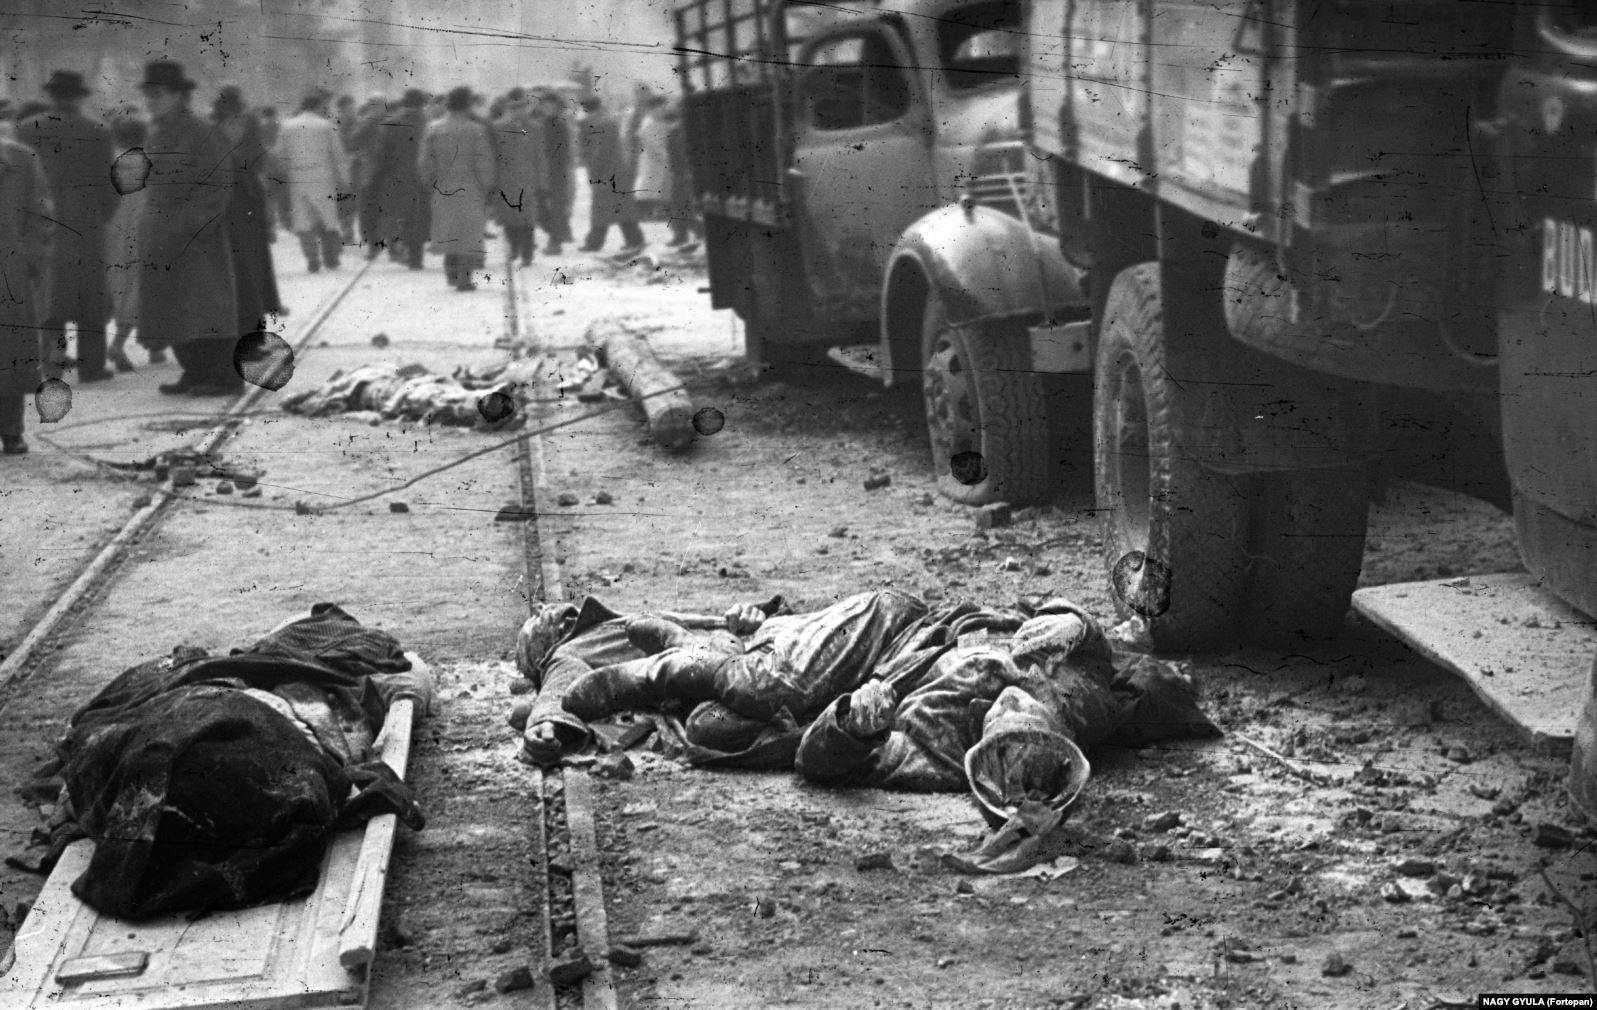 Покрытые пылью тела в форме в Будапеште в 1956 году. В ходе восстания советские войска были на четыре дня выведены из Будапешта. Восставшие открыли двери тюрем, чтобы выпустить политзаключенных, а также убили некоторых наиболее ненавистных сотрудников госбезопасности